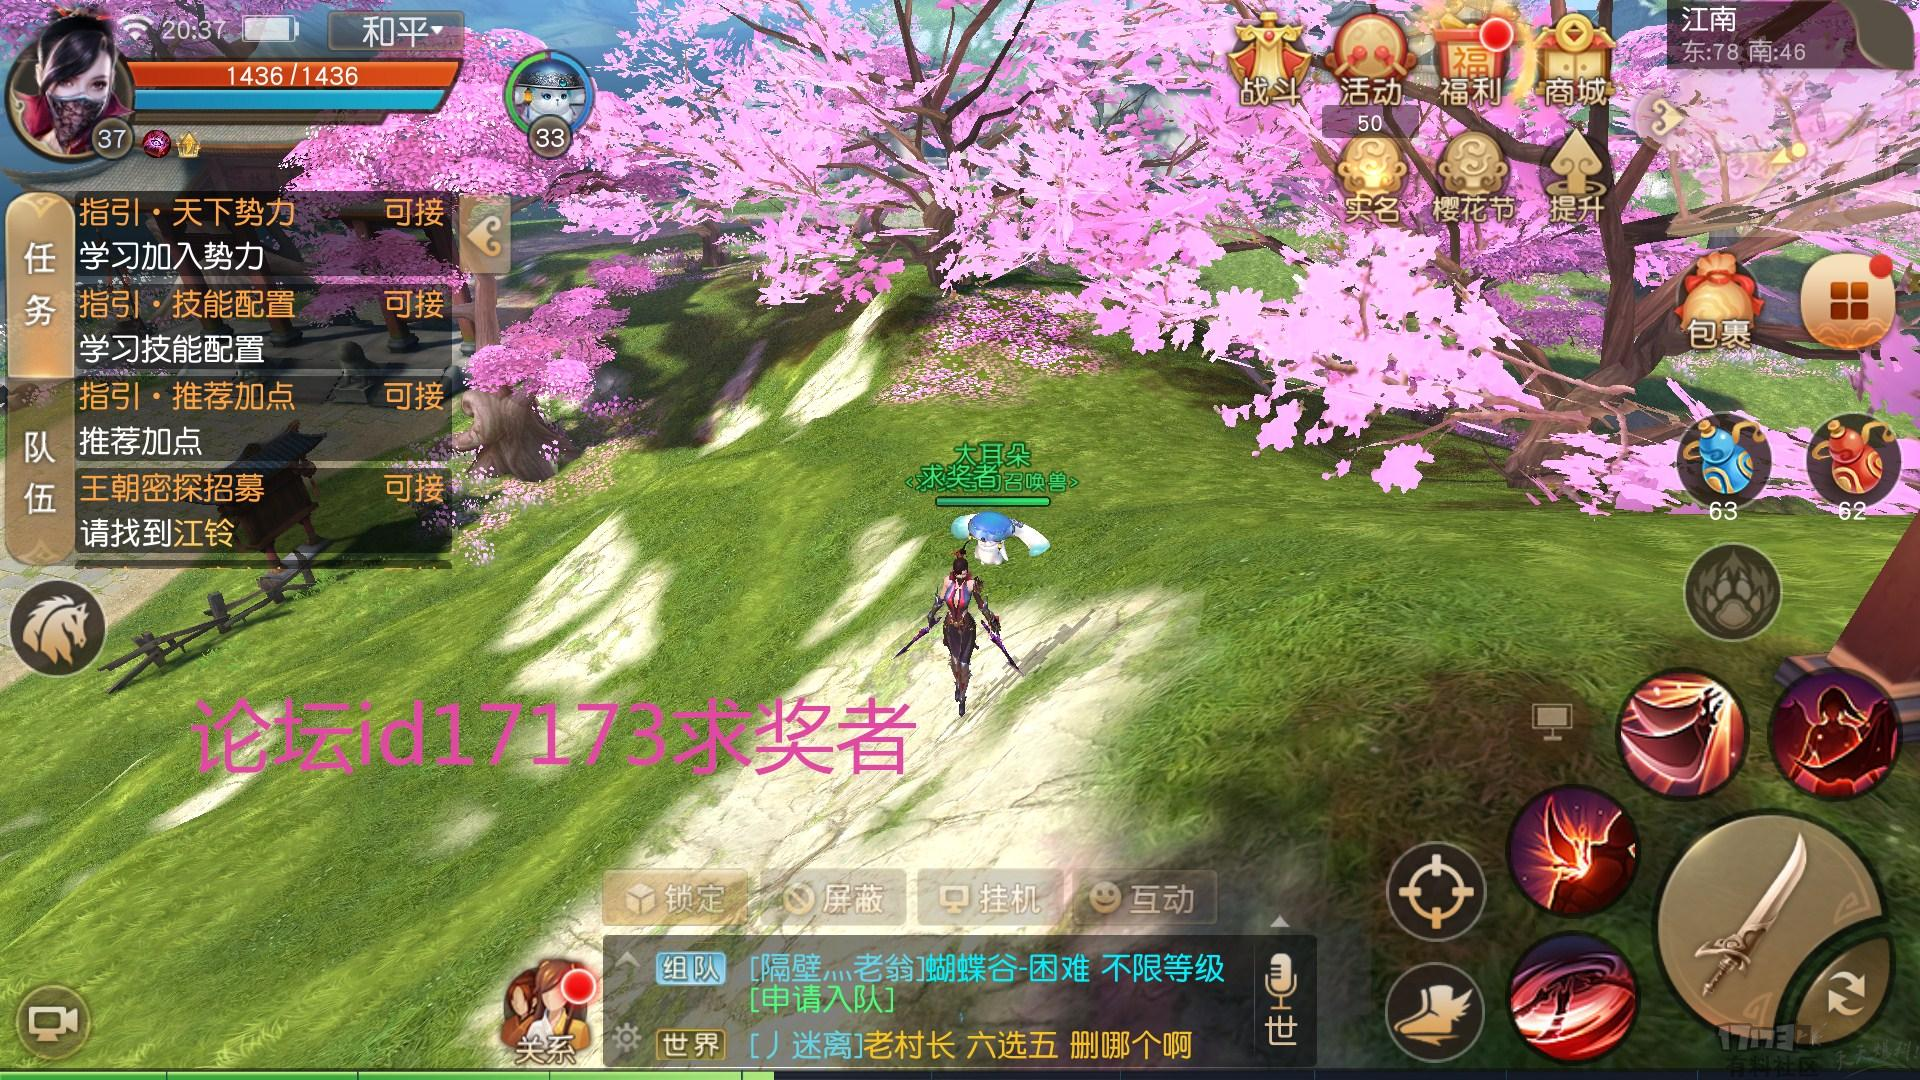 Screenshot_2018-04-12-20-37-14-681_com.netease.tx_副本.jpg